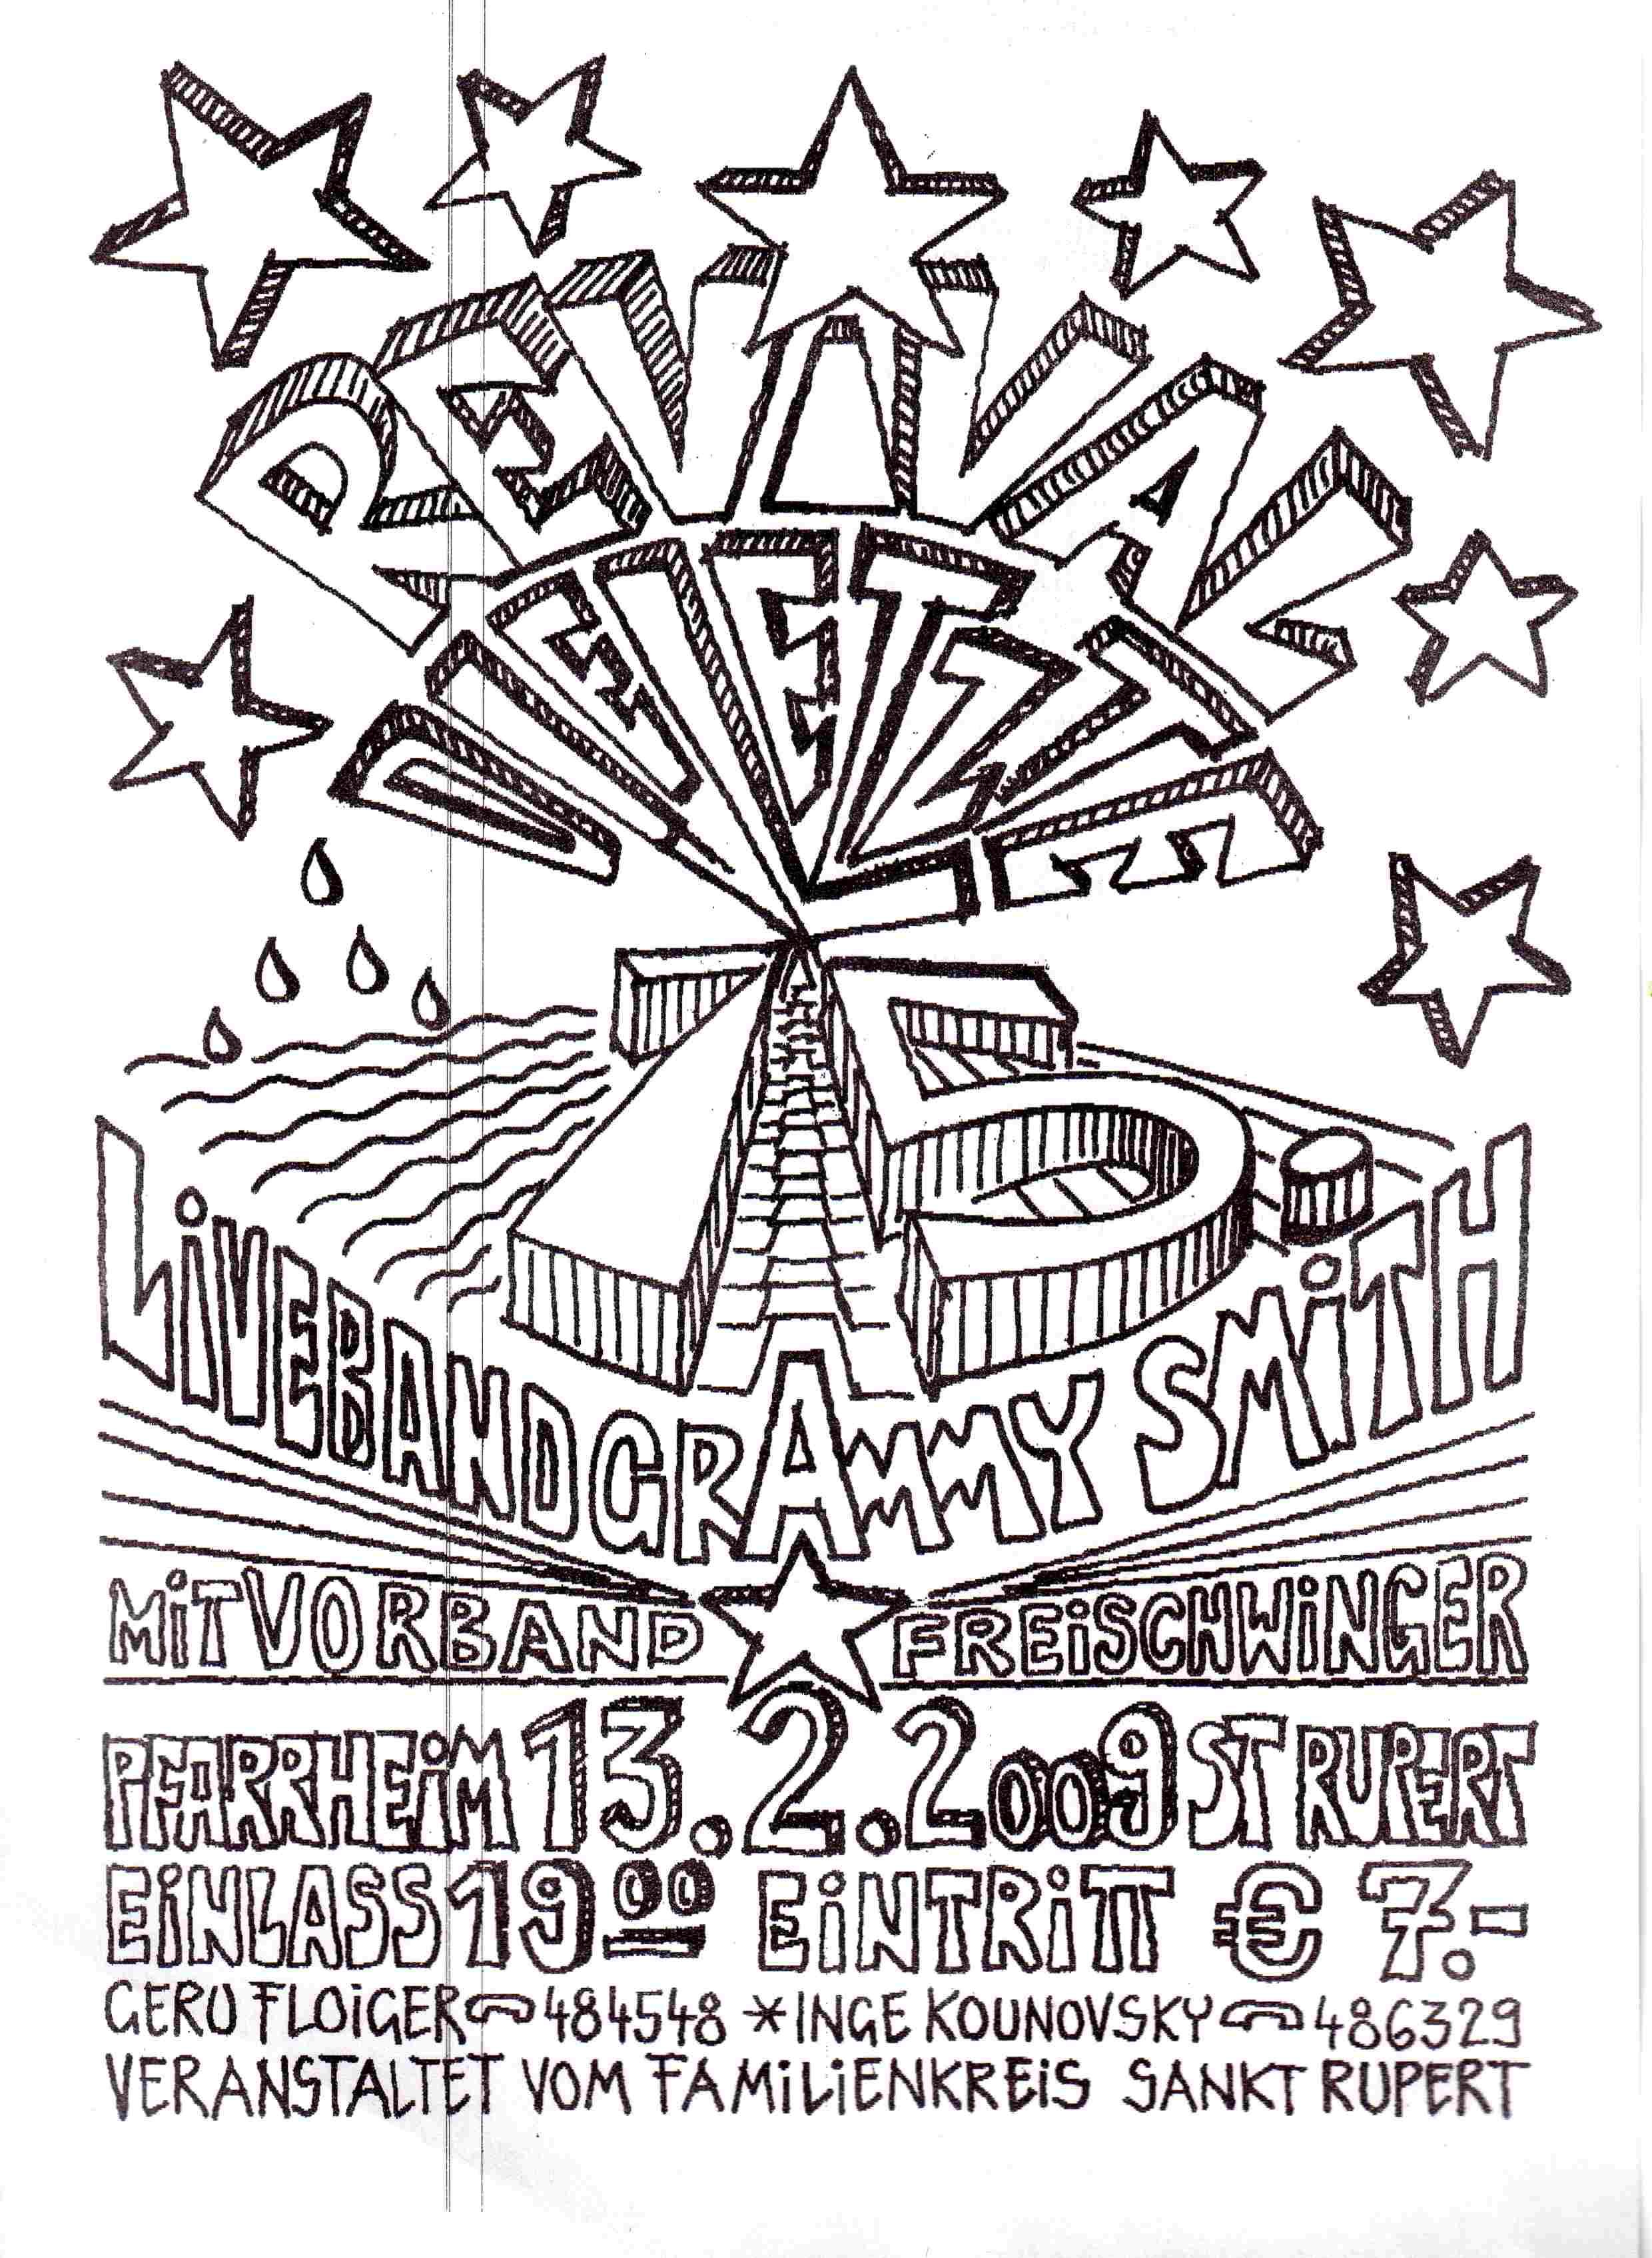 REVIVAL PARTY 2009 St.Rupert , der Abschied  einer Legende